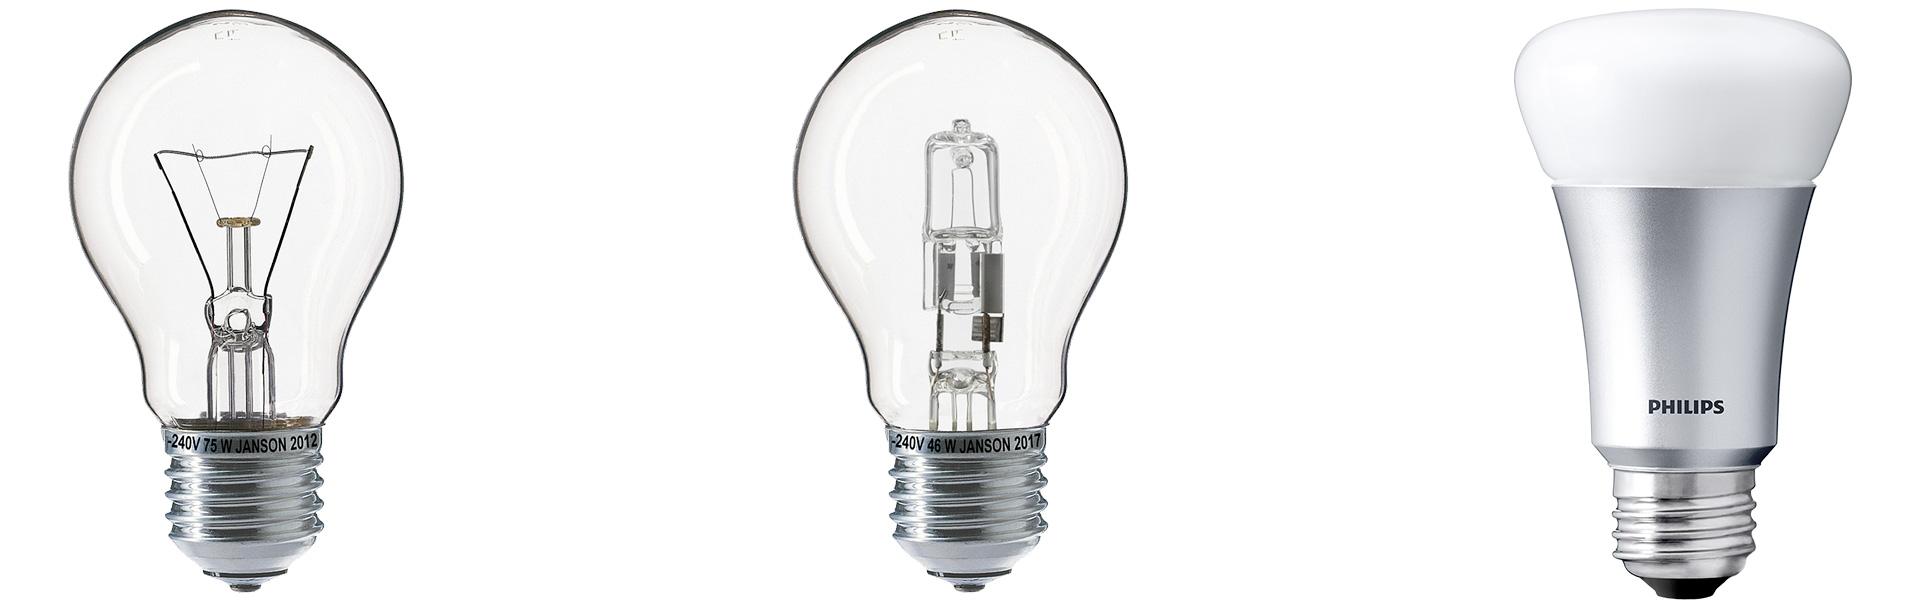 duurzame-verlichting-kantoren- en - kantoorruimtes -van-gloeilamp-naar-led